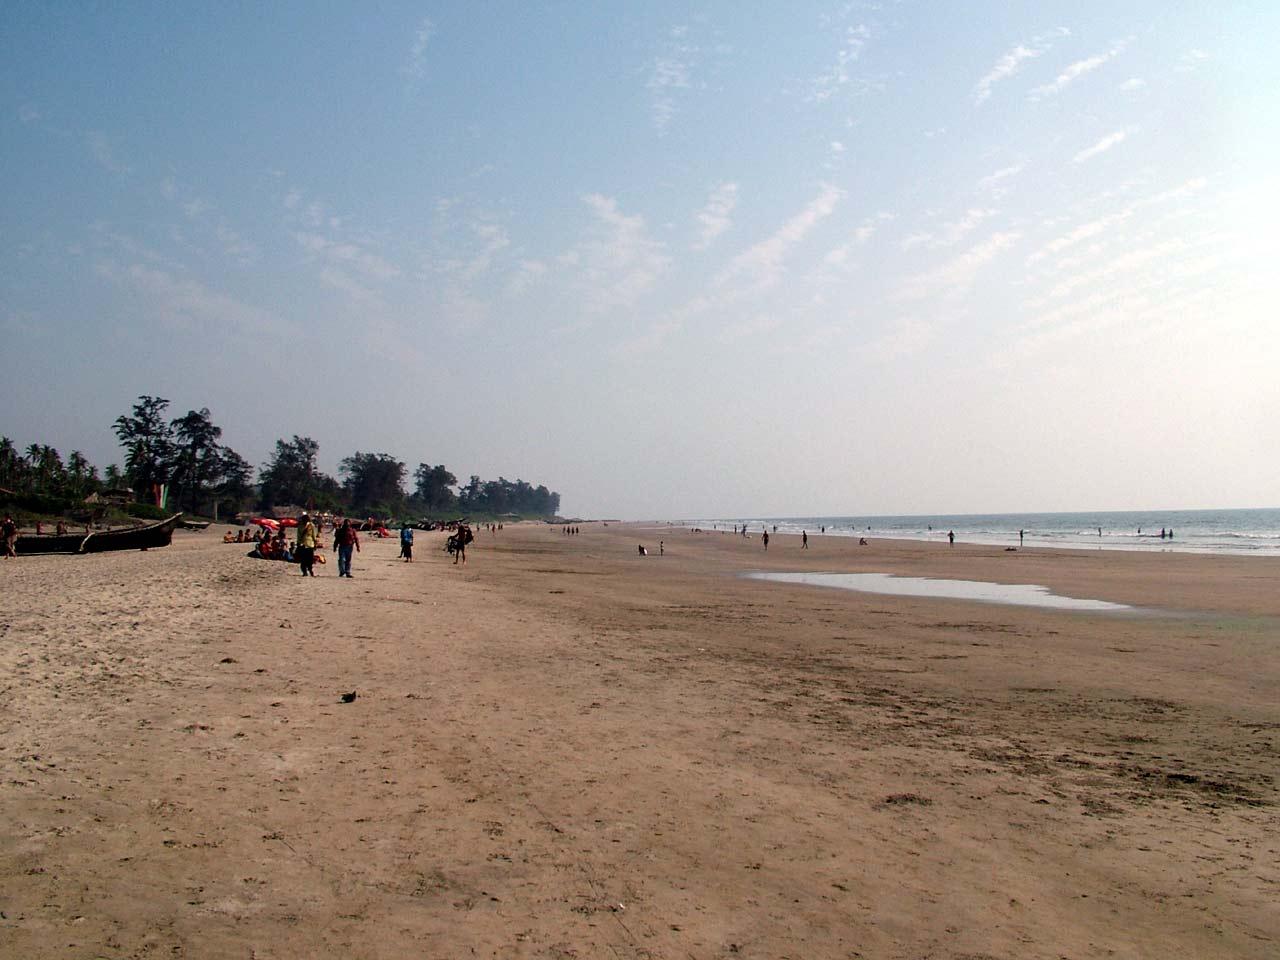 http://4.bp.blogspot.com/-CnmXRIi3vtk/TjrC3tivwbI/AAAAAAAAAtU/co7Fm5BMK4w/s1600/anjuna-beach.jpg